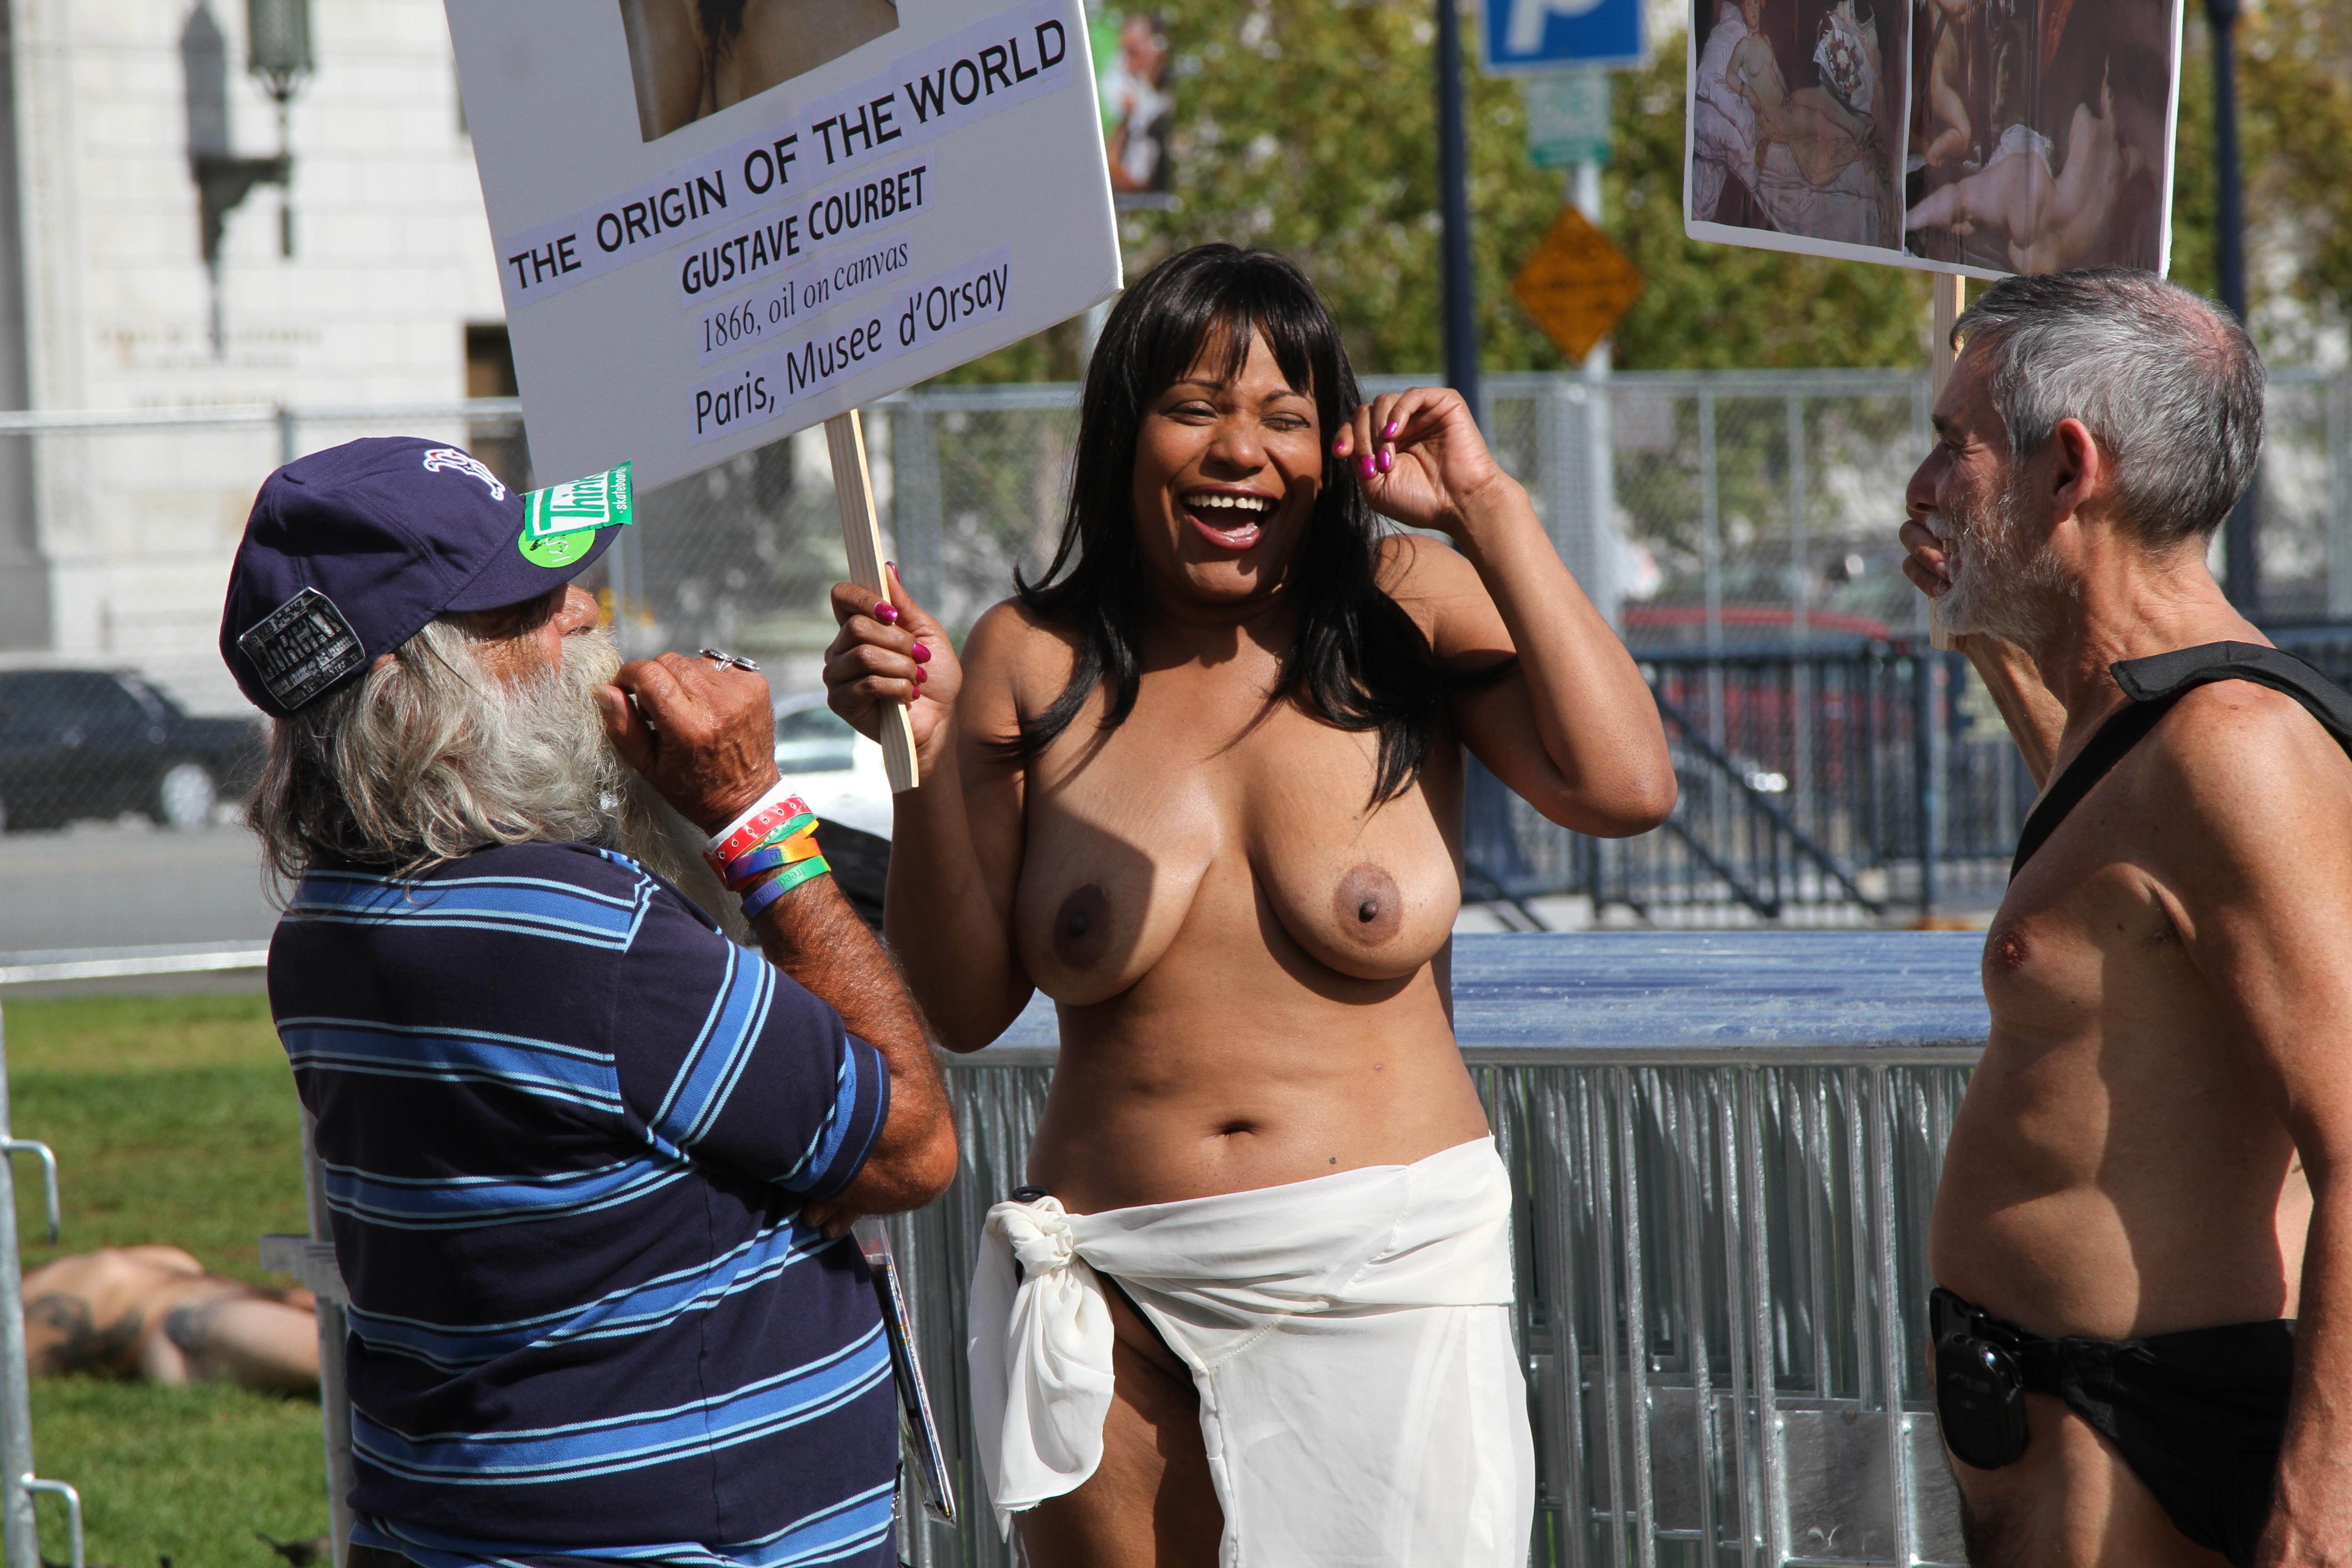 Nude black women naked in public